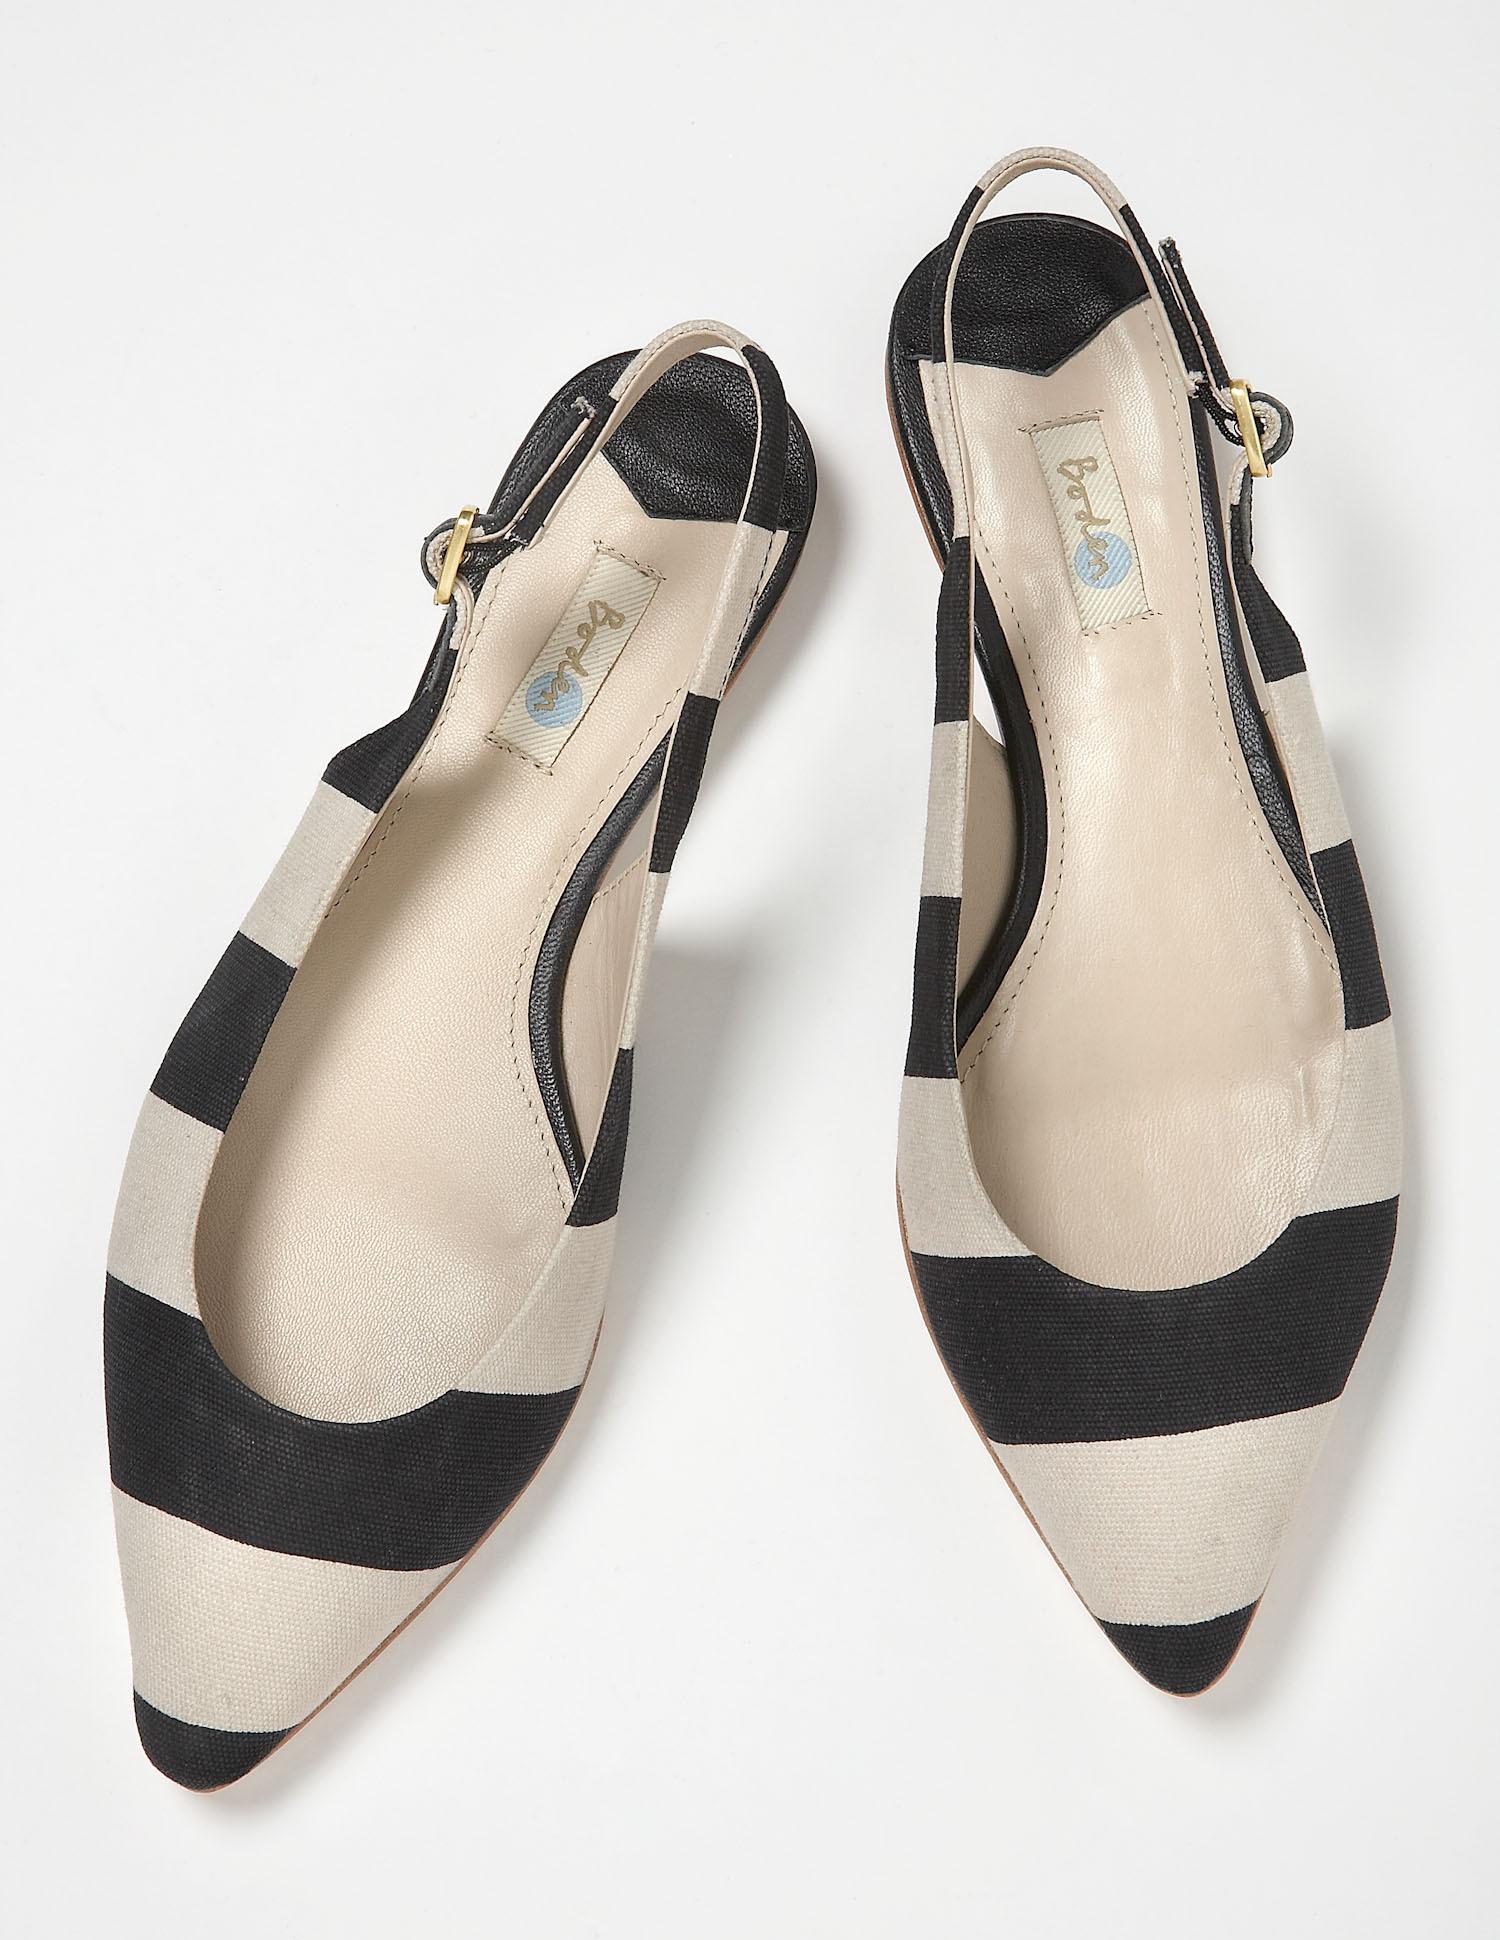 والاحذية Boden 2014 367986.jpg